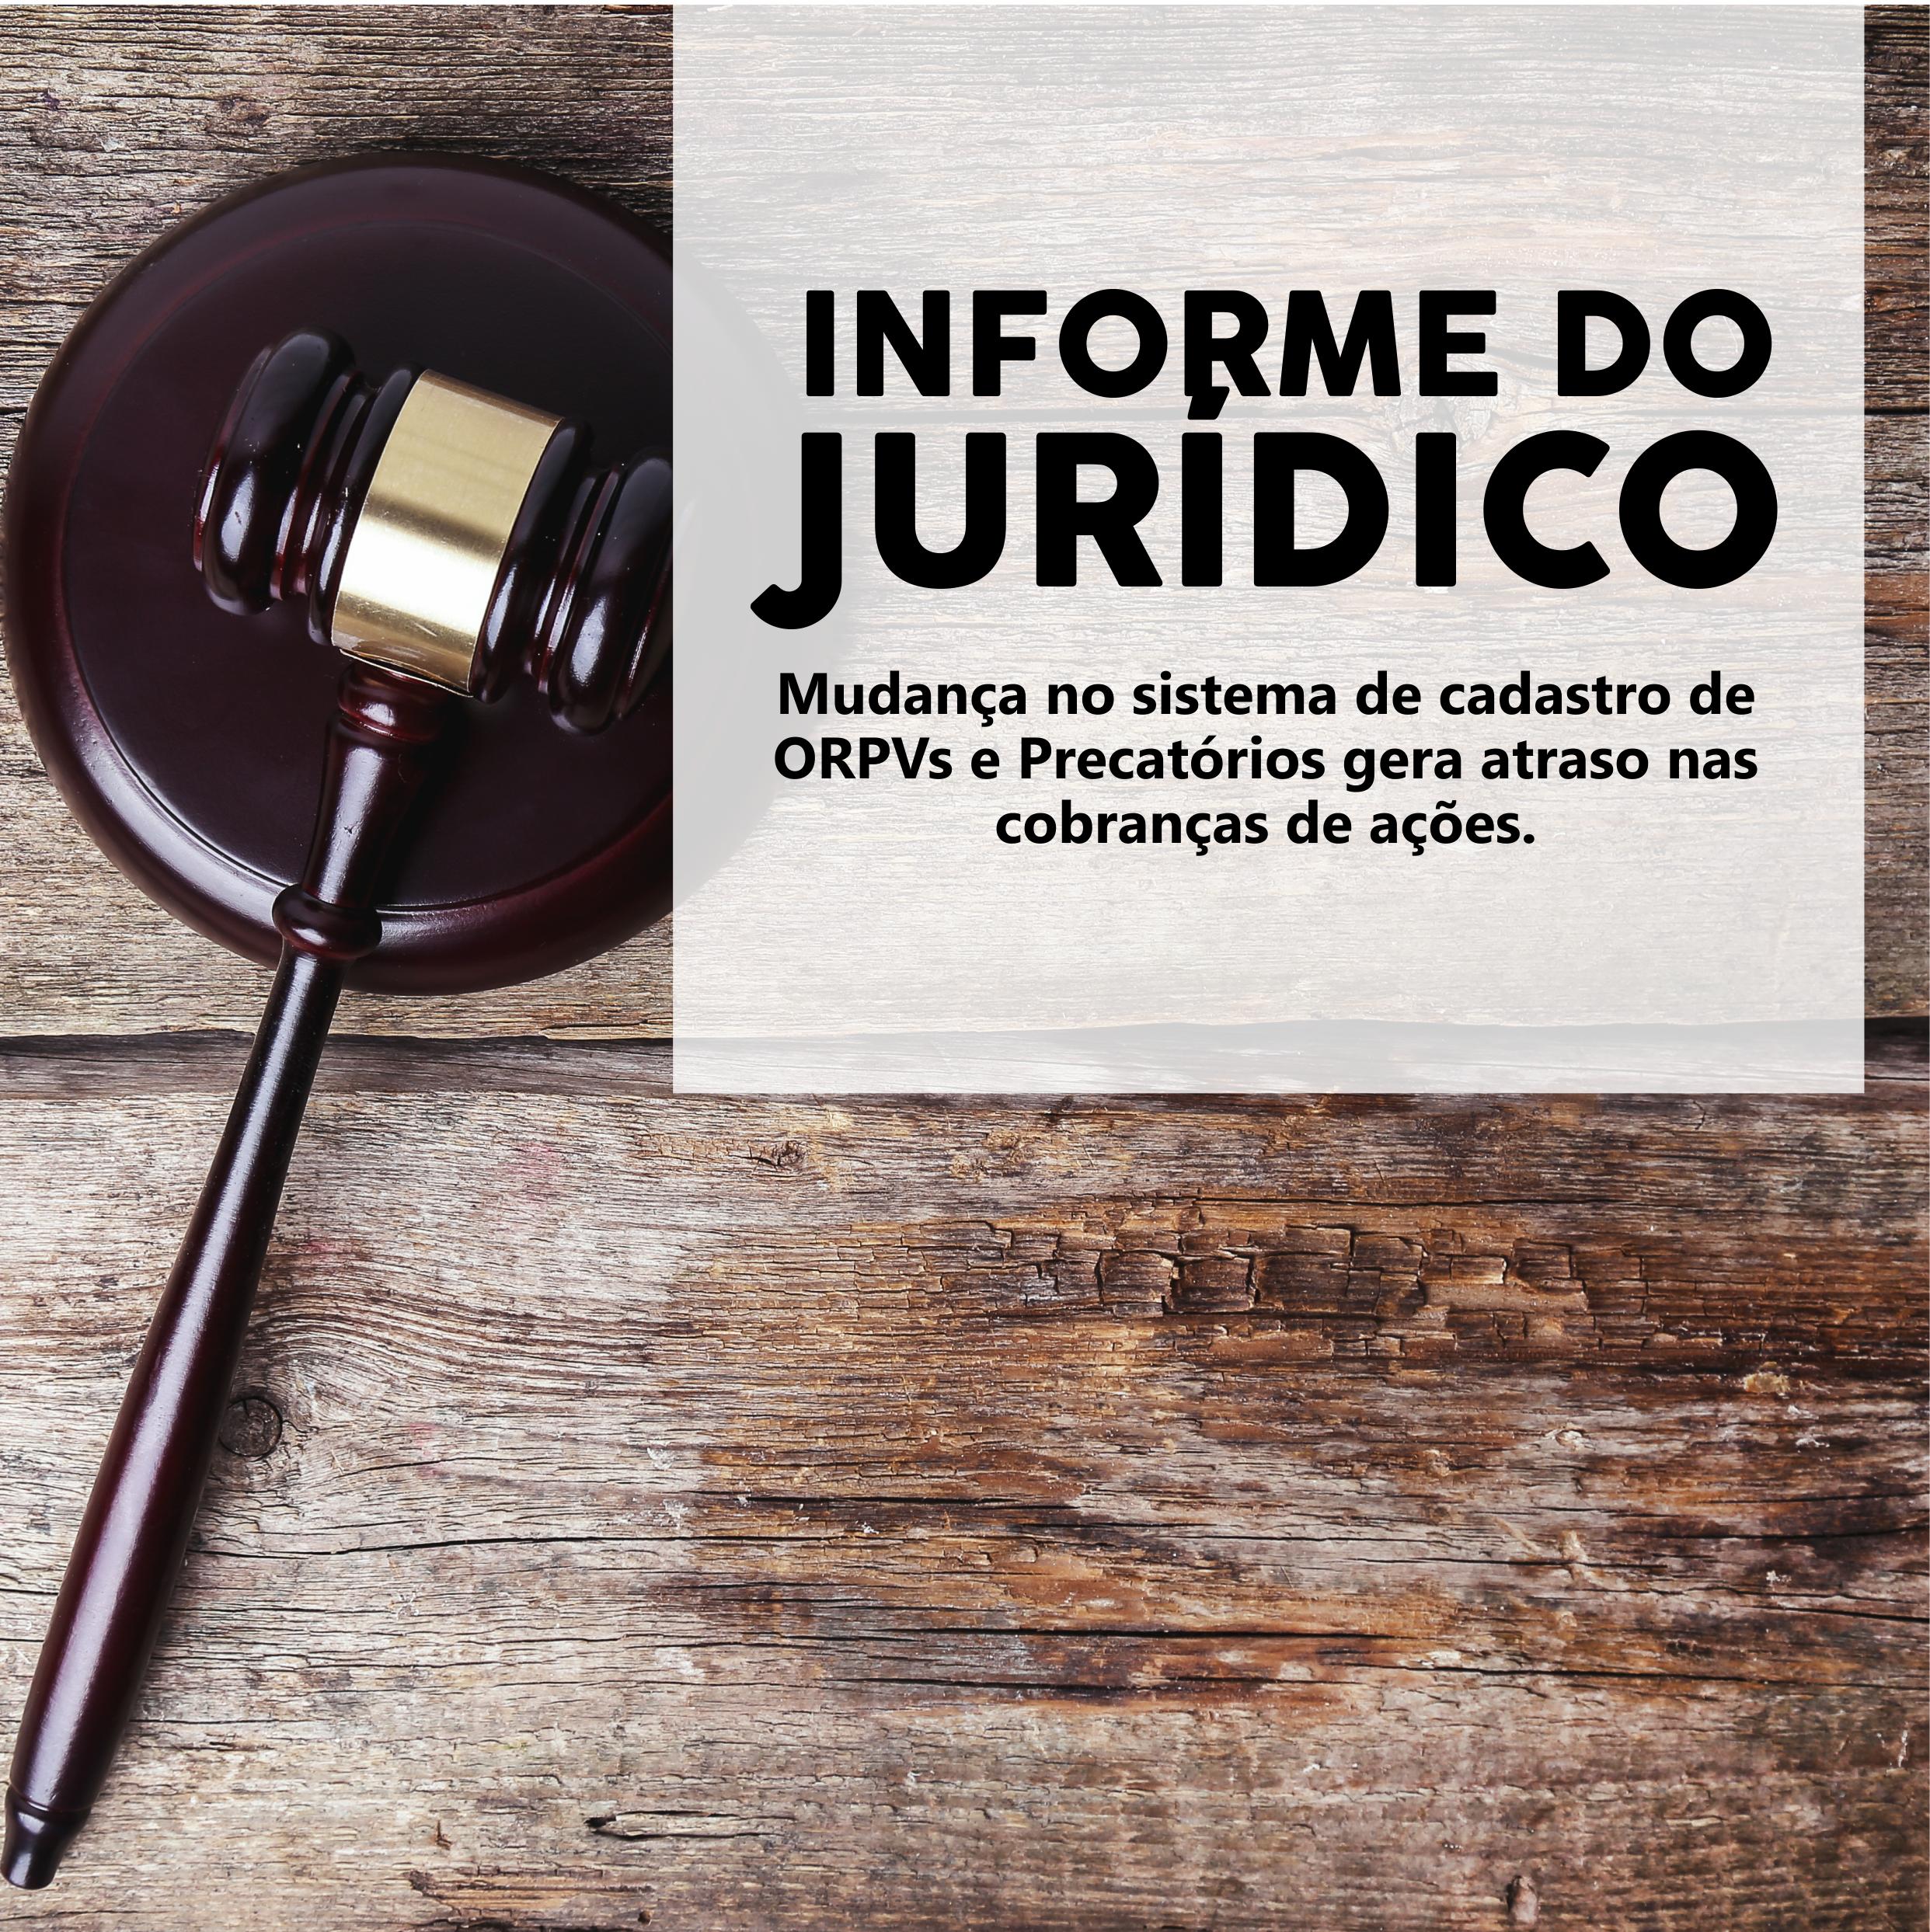 Informe do departamento jurídico sobre pagamentos de ações